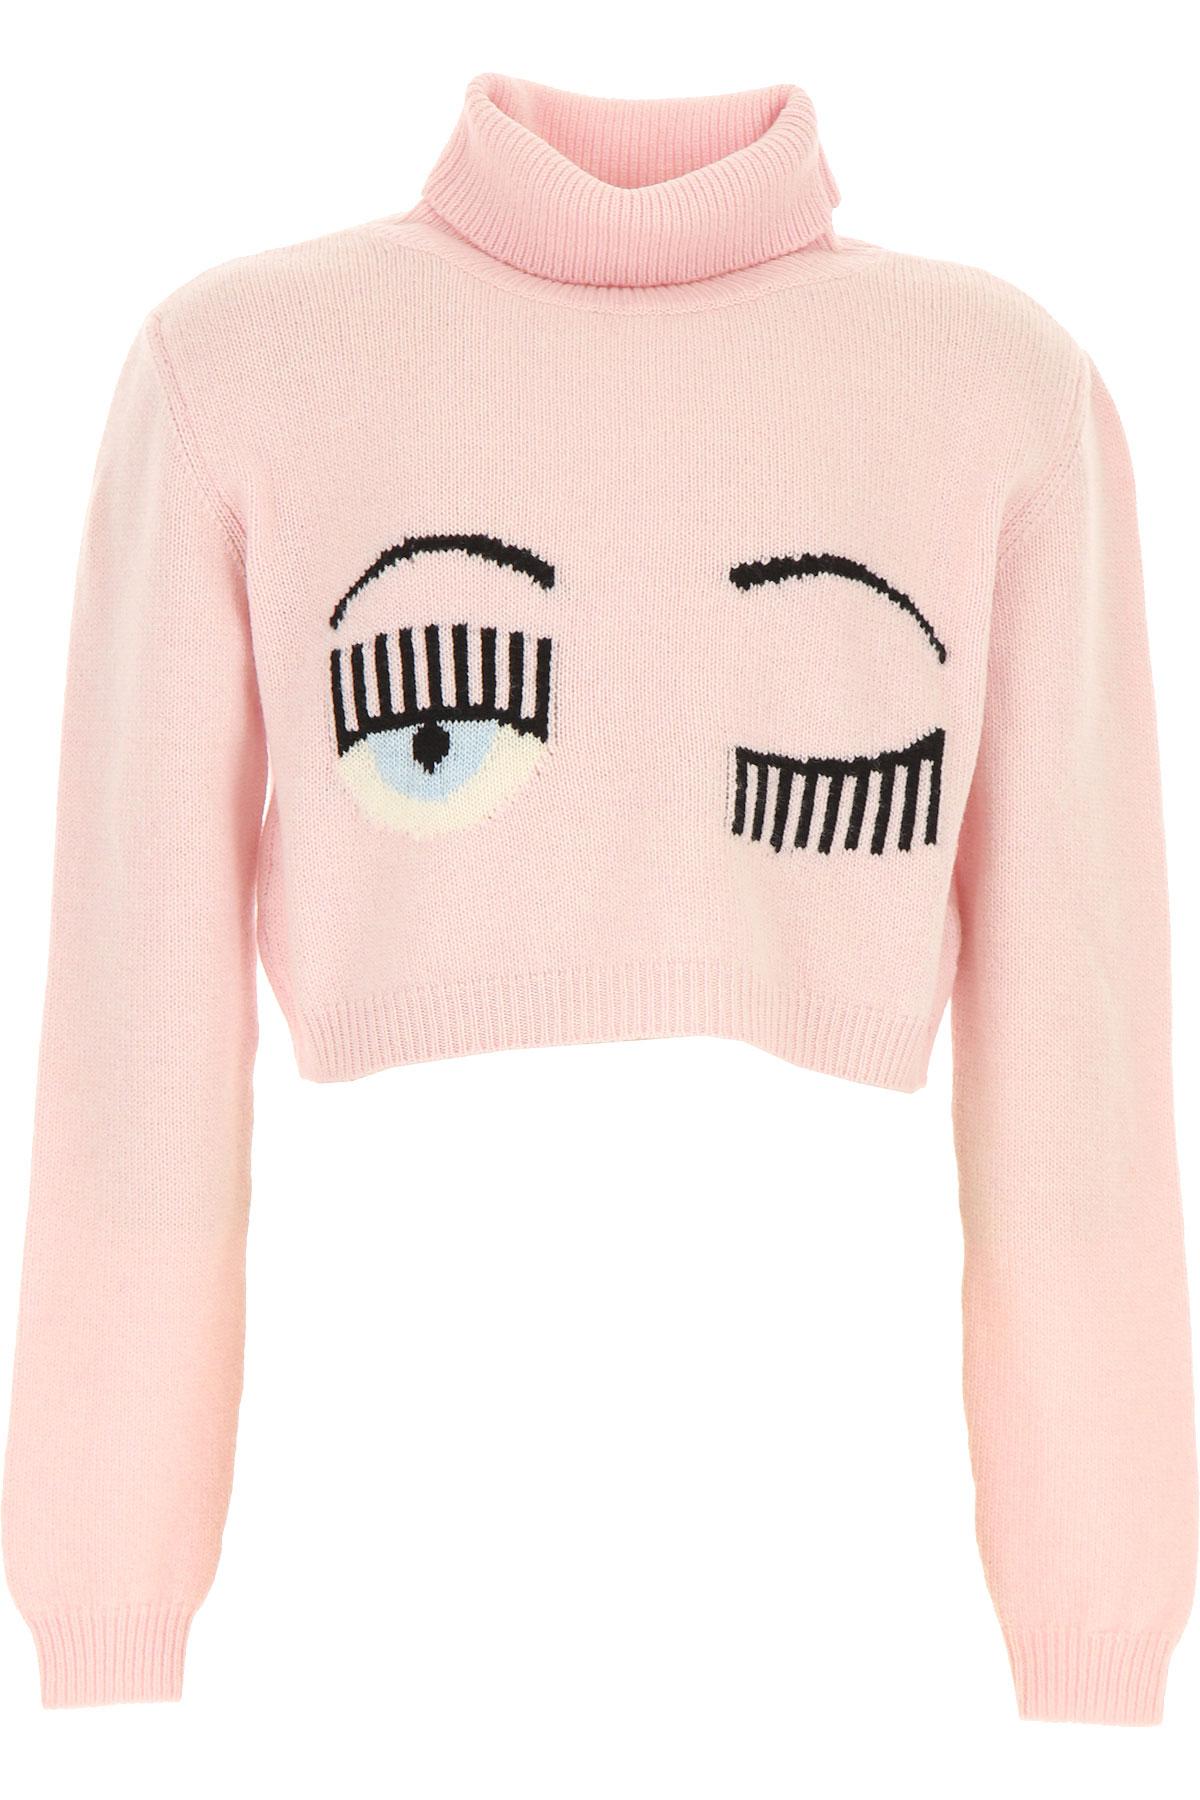 Chiara Ferragni Kids Sweaters for Girls On Sale, Pink, Wool, 2019, 10Y 12Y 14Y 8Y